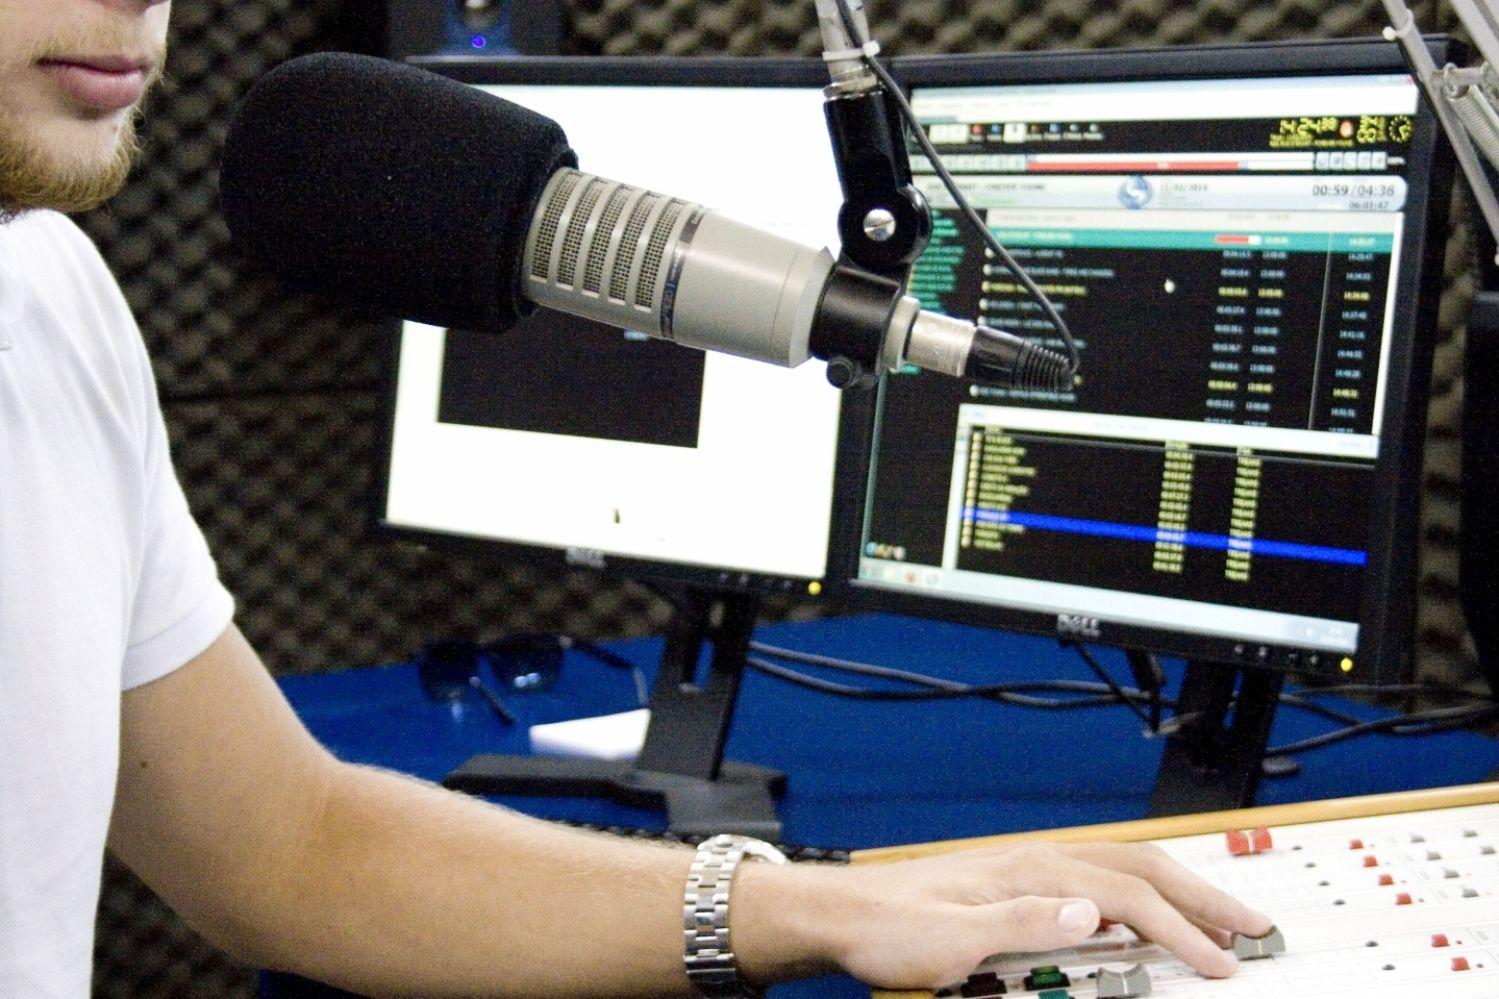 Rádio em Santarém inicia passaralho de 2 dígitos com demissões nesta segunda